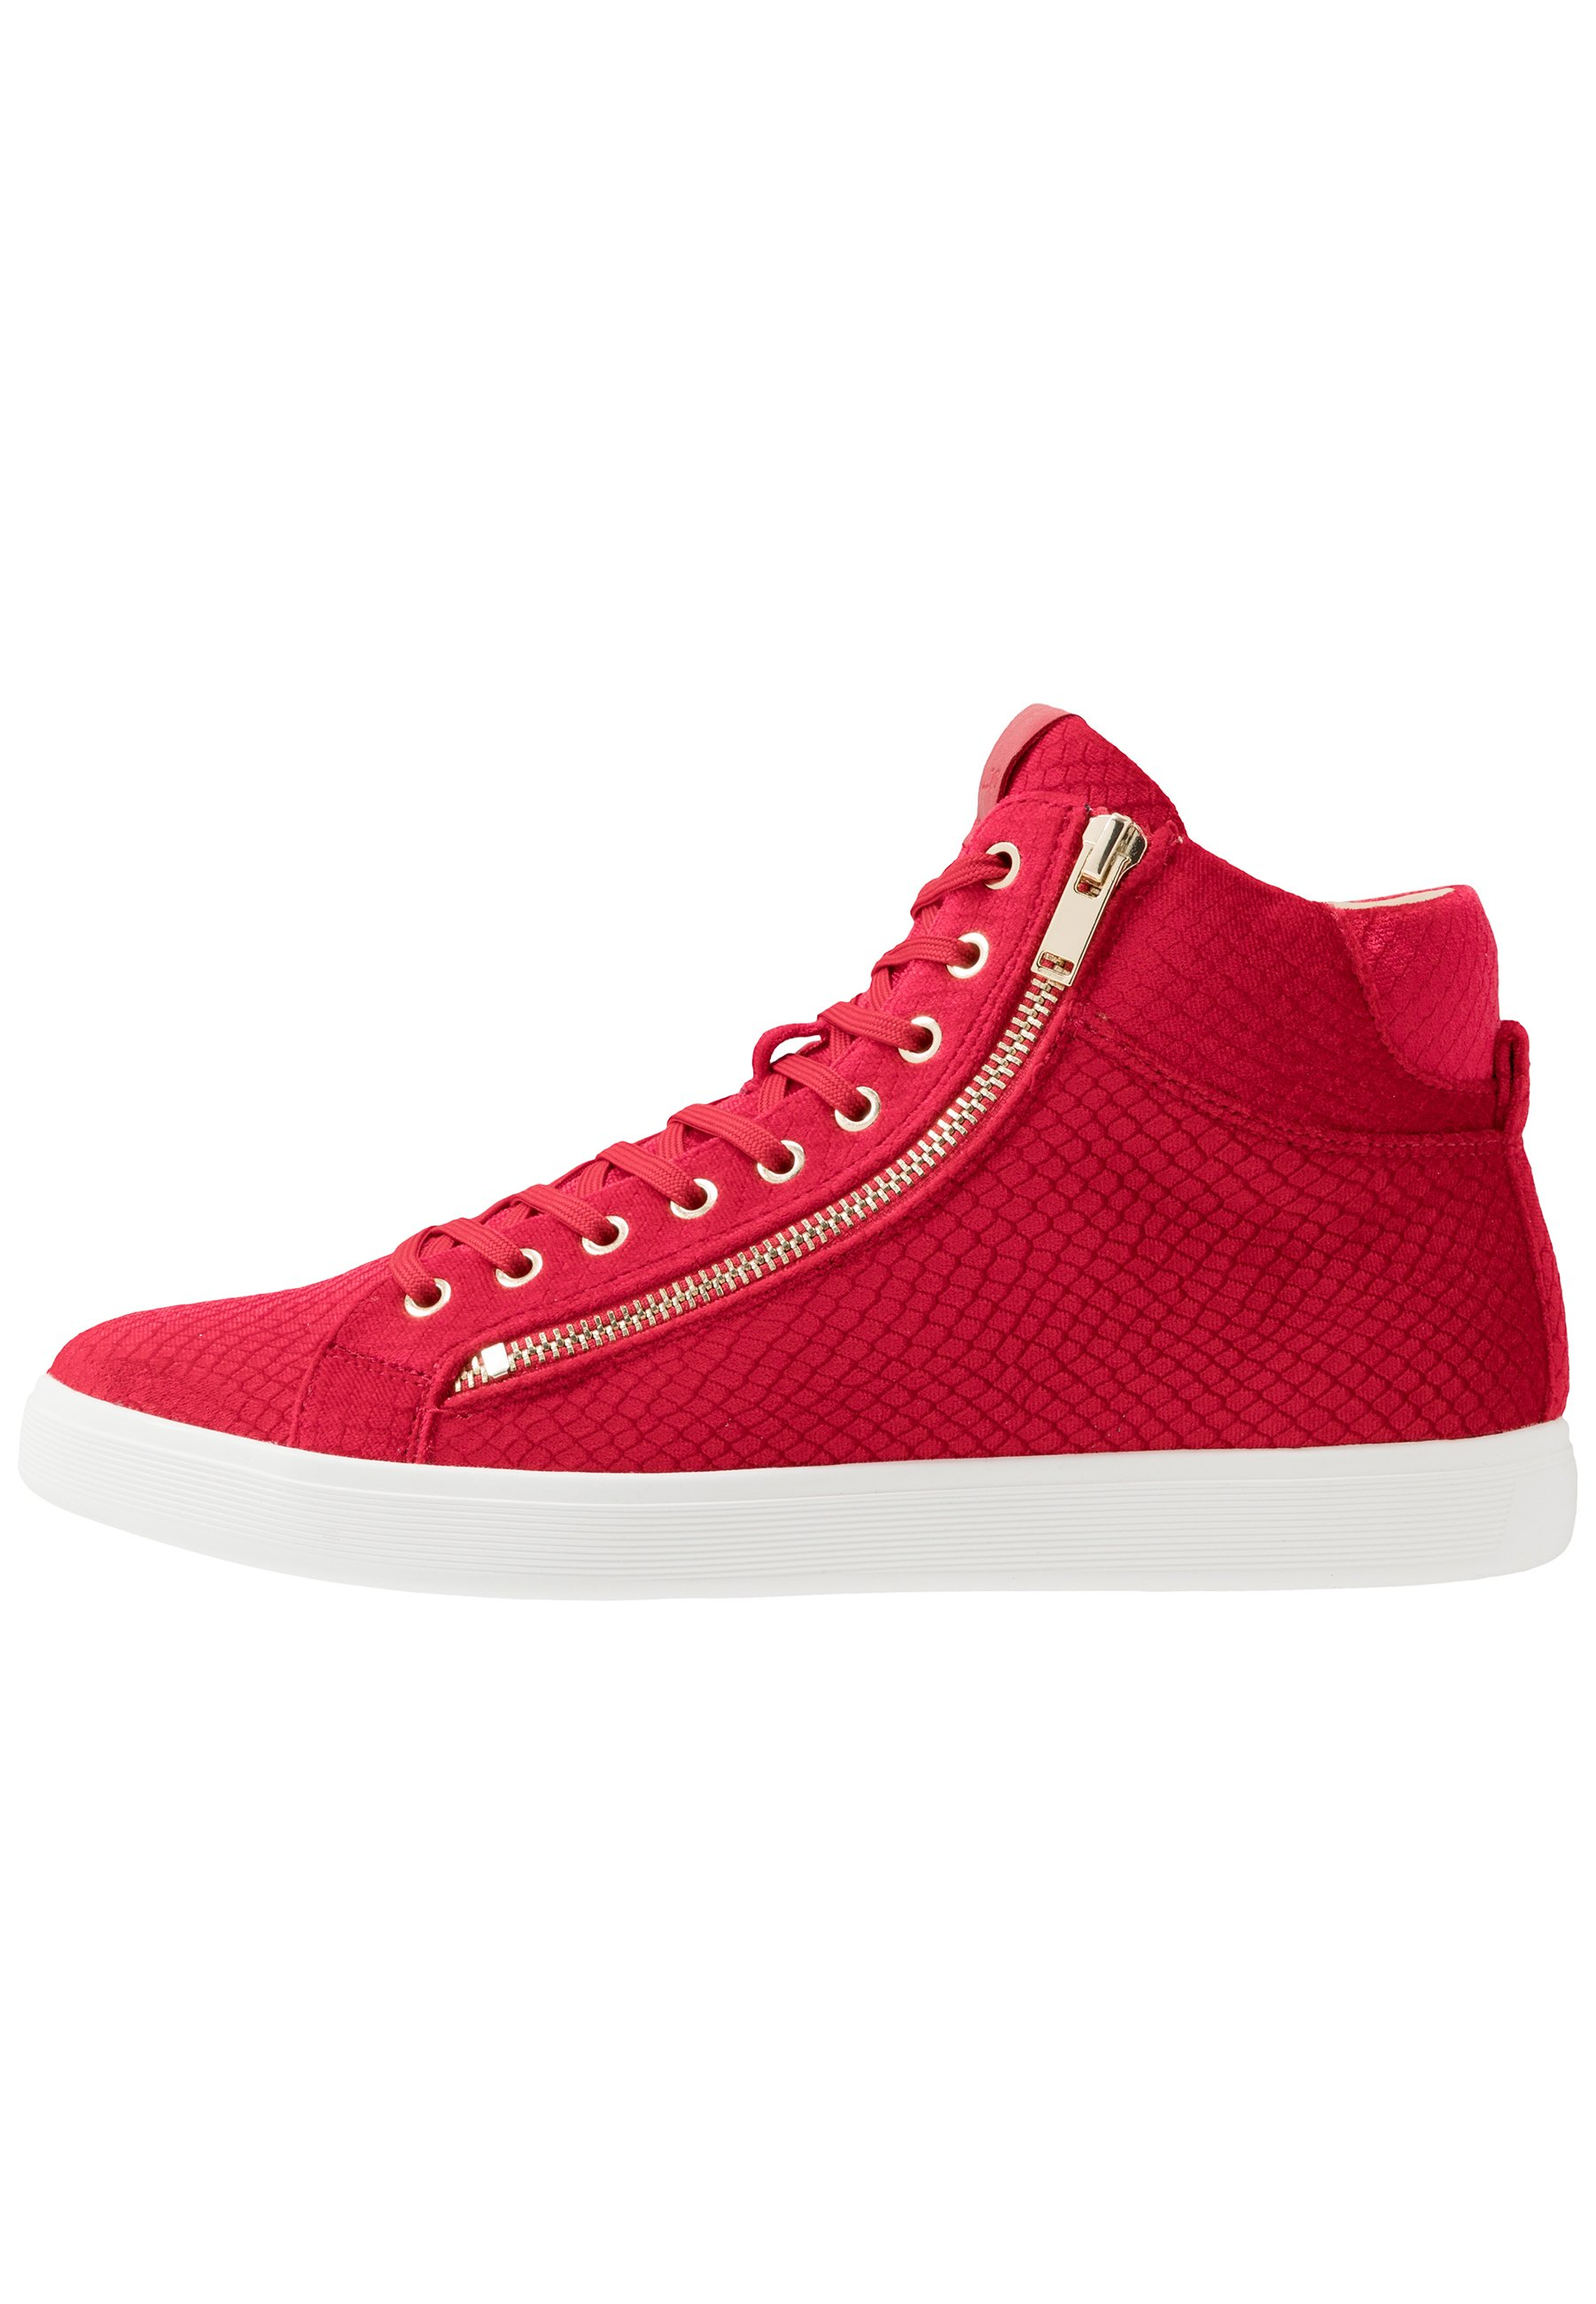 Minna Maijala: Punaiset kengät: Minna Canthista, rakkaudesta ja vallasta